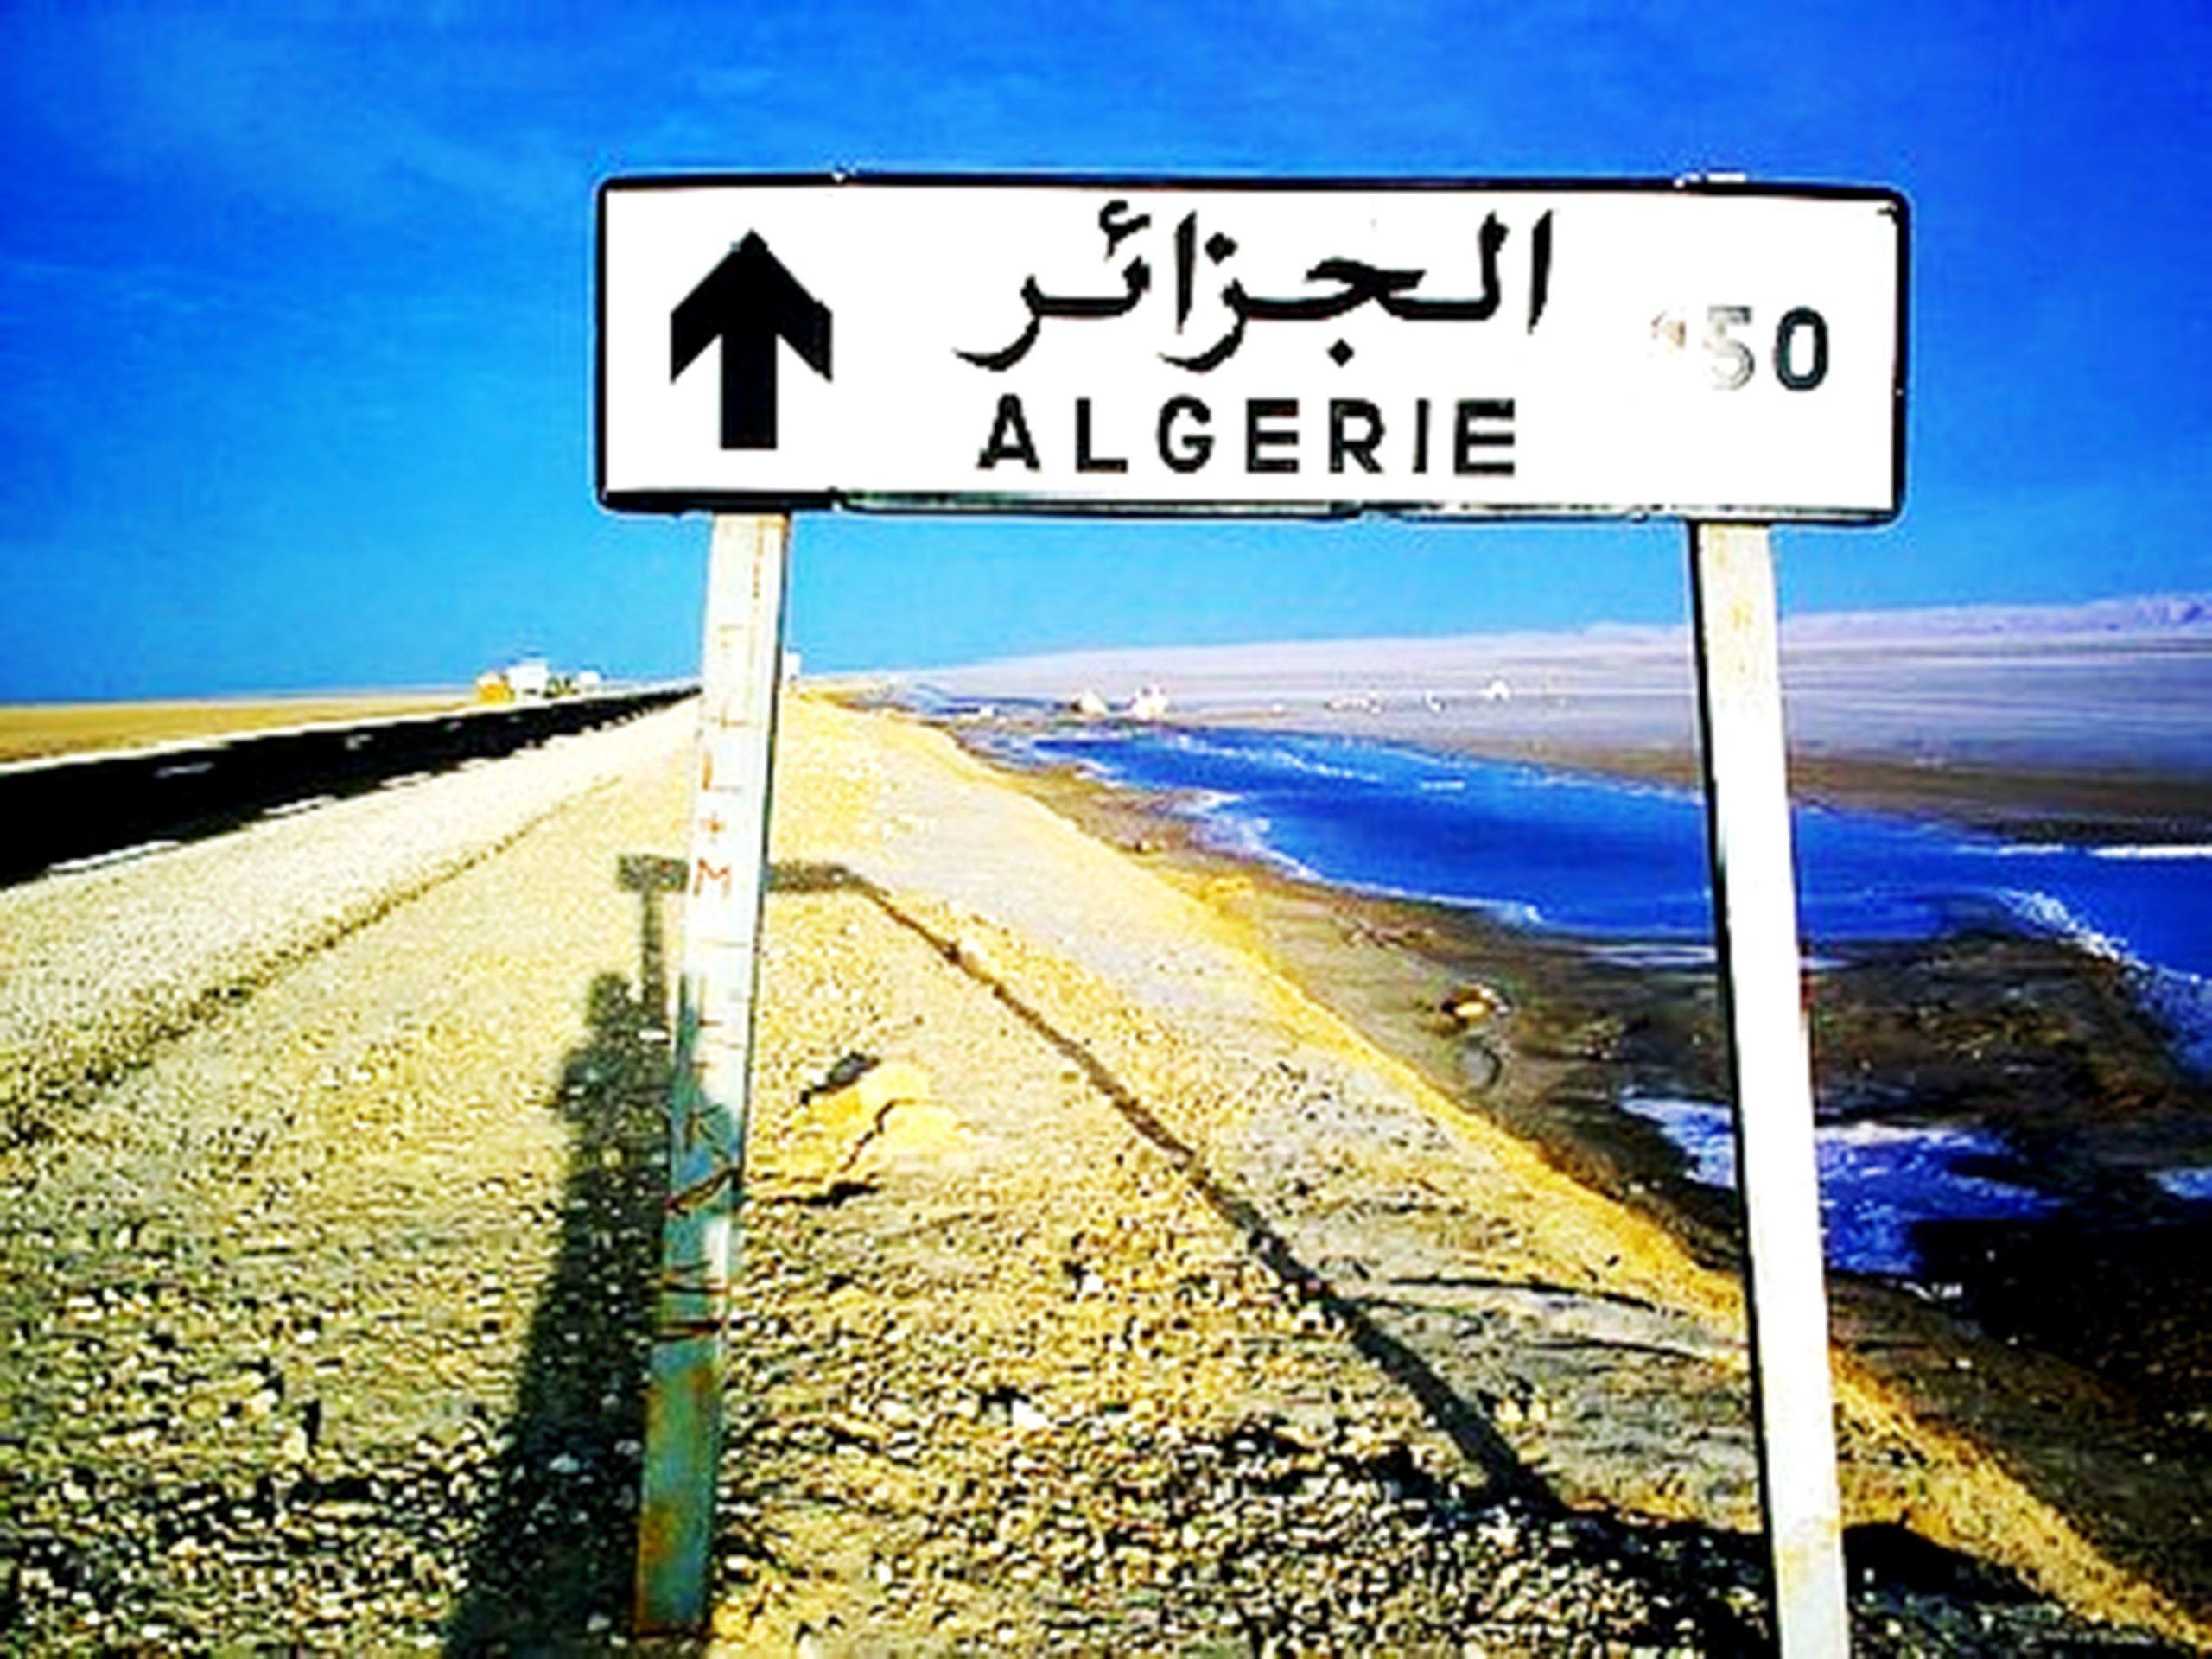 Κίνδυνος ανάφλεξης όλης της βόρειας Αφρικής- Μπαίνει στο παιχνίδι και η Αλγερία